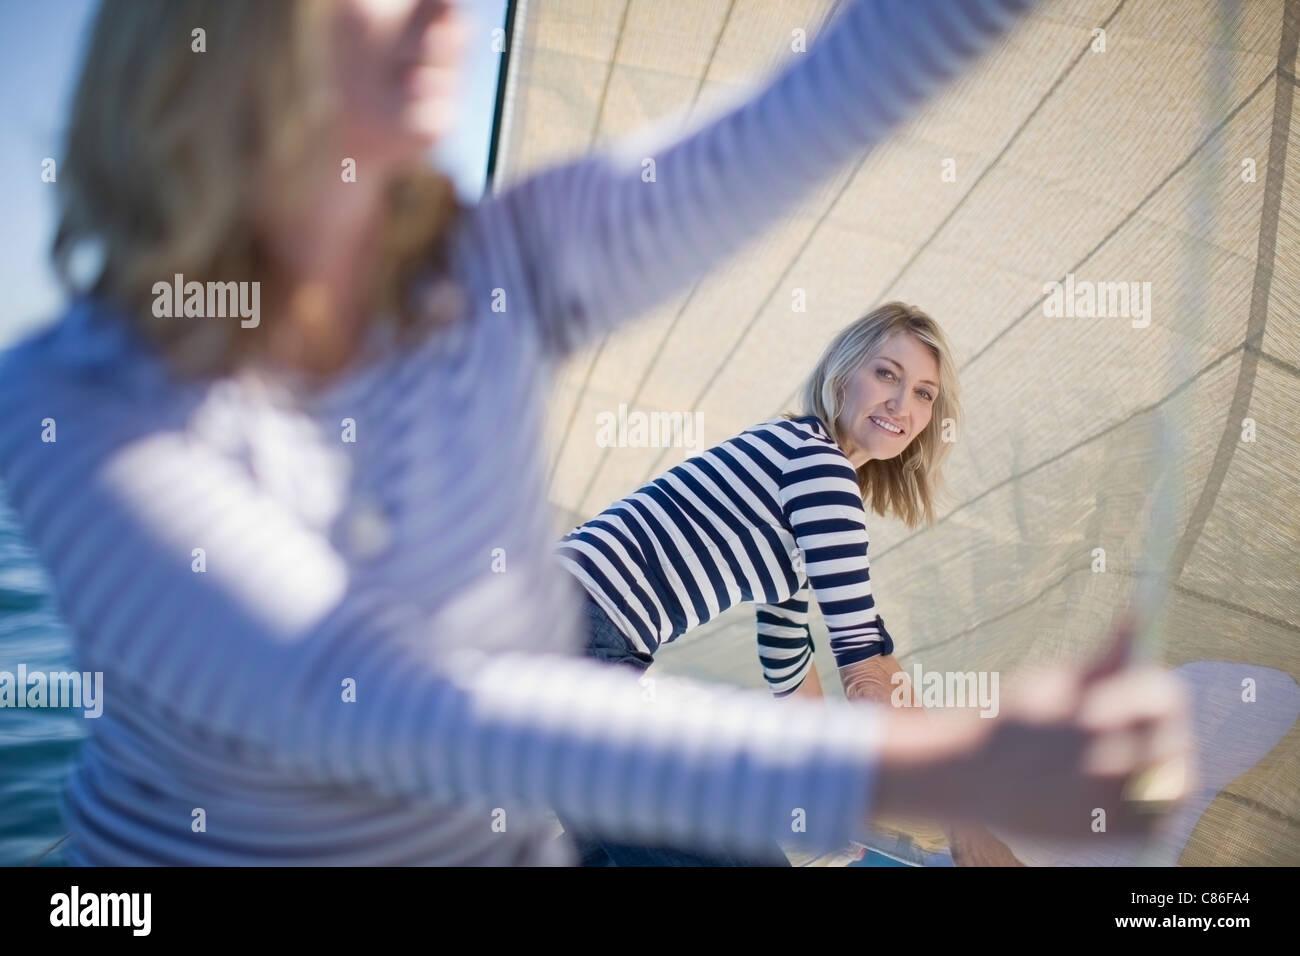 Women adjusting sails on boat - Stock Image